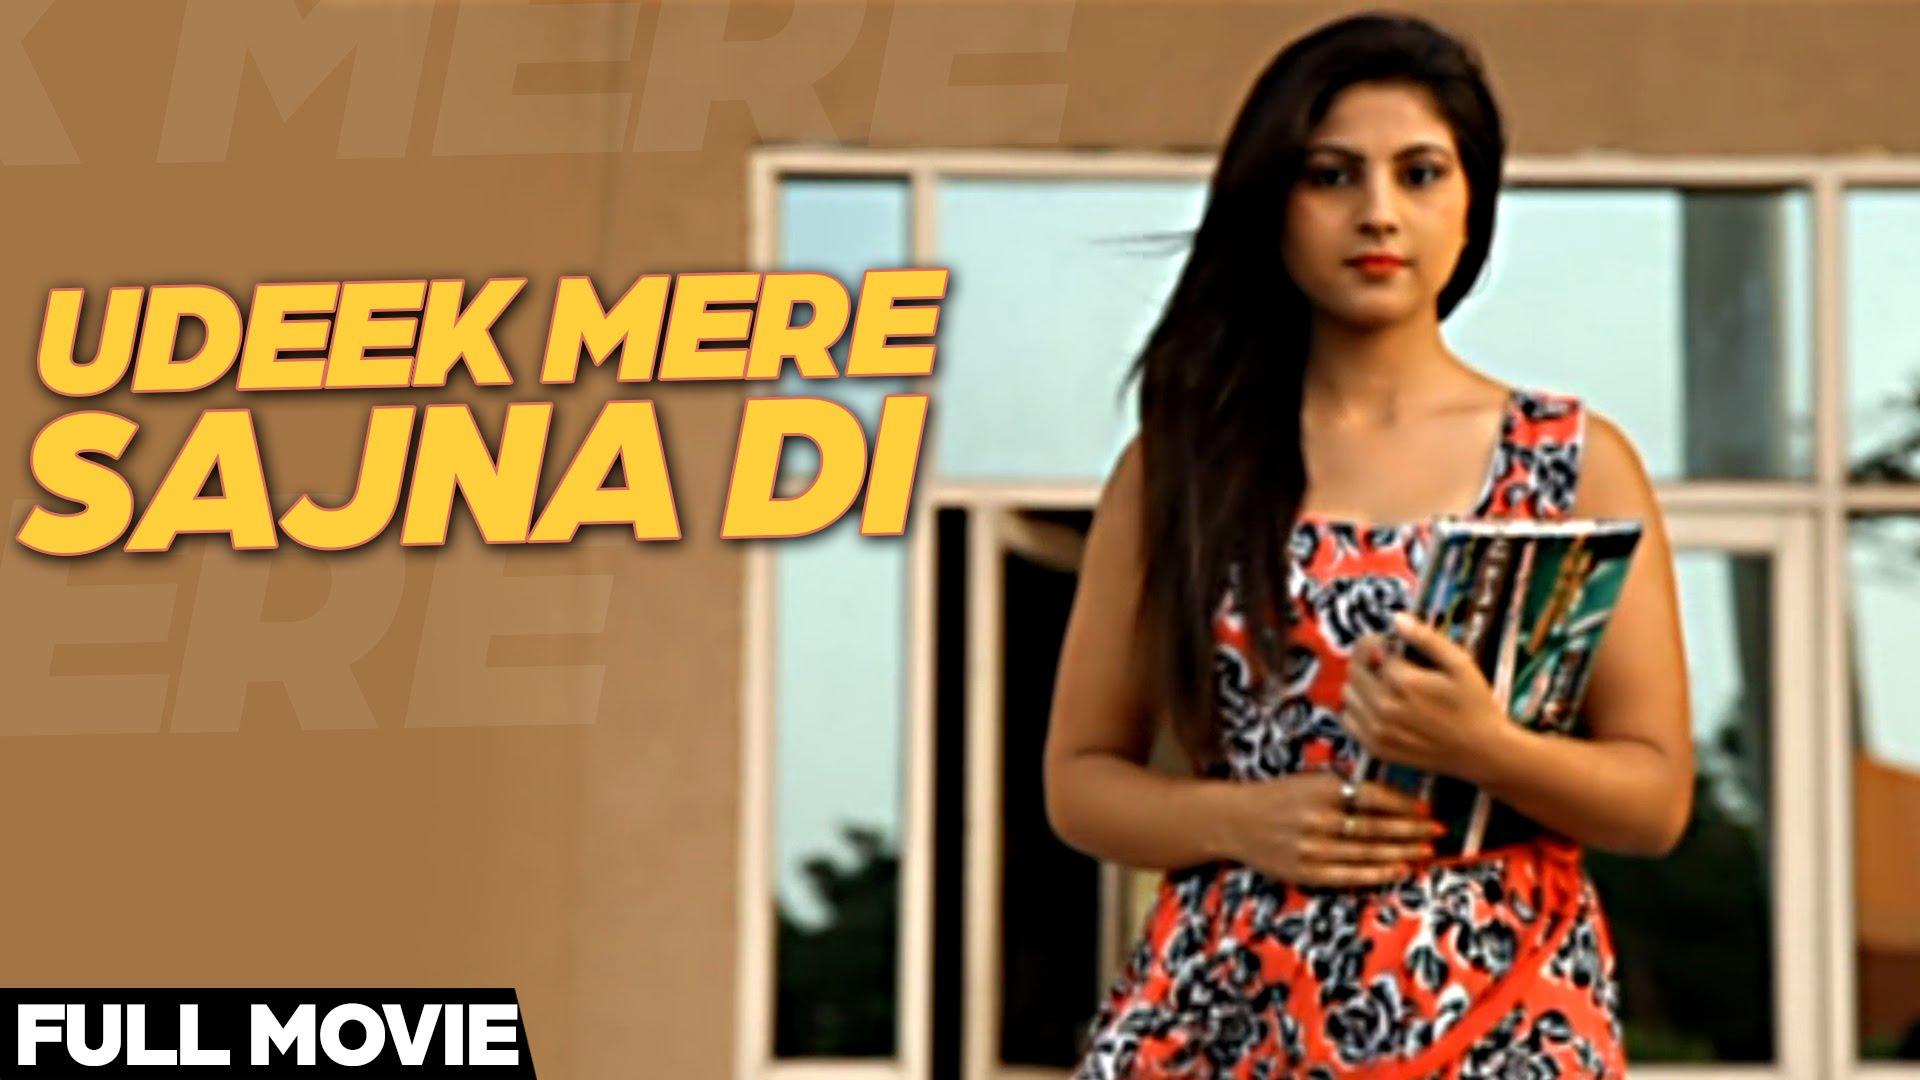 New Punjabi Movies 2016 Udeek Mere Sajna Di Full Punjabi Movie Latest Punjabi Movies 2016 Videosdrive